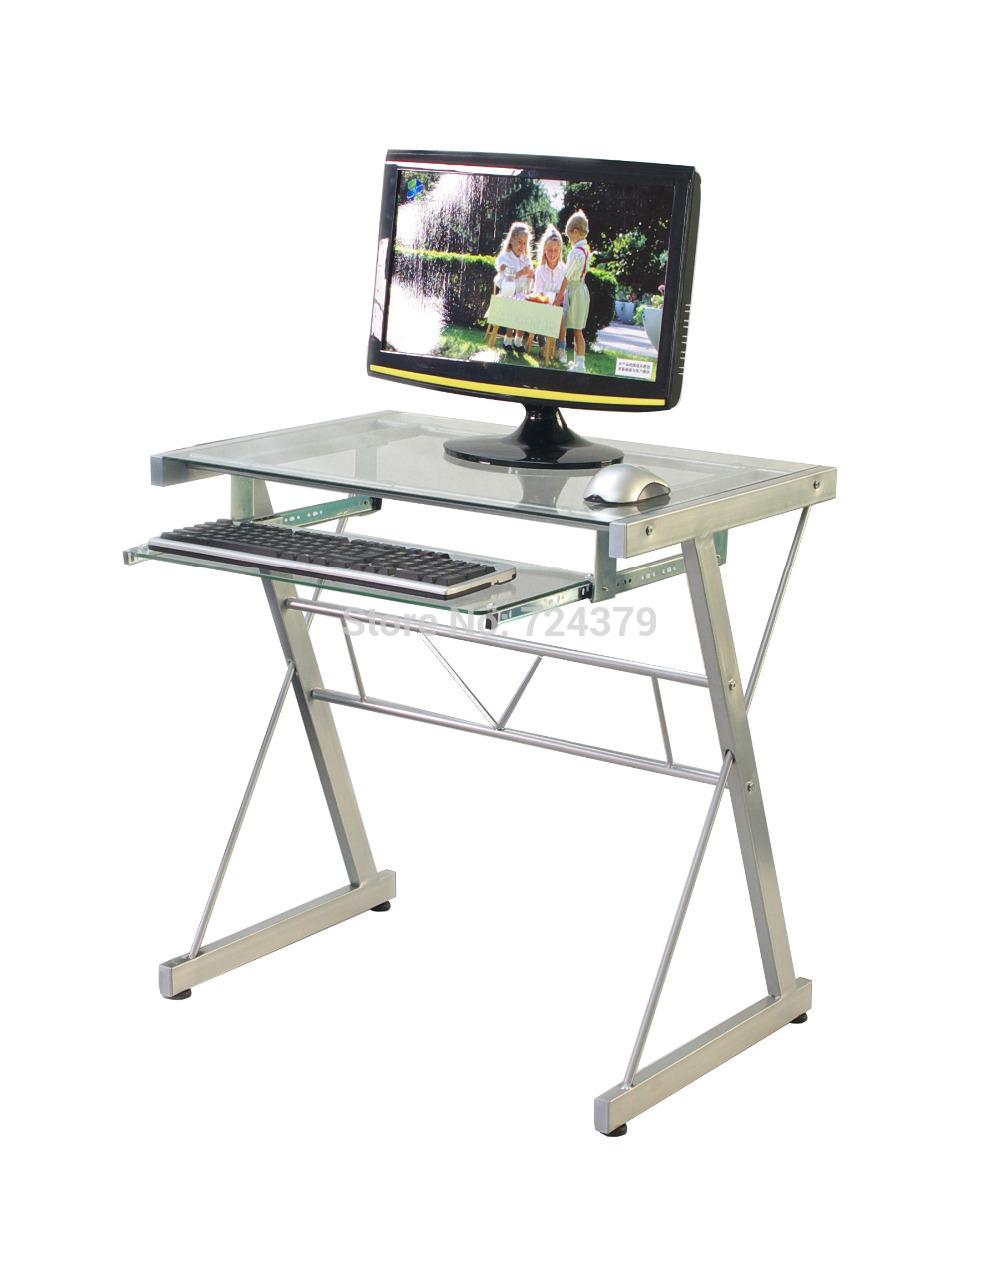 Achetez en gros table en verre d 39 ordinateur en ligne des grossistes tab - Table ordinateur verre ...